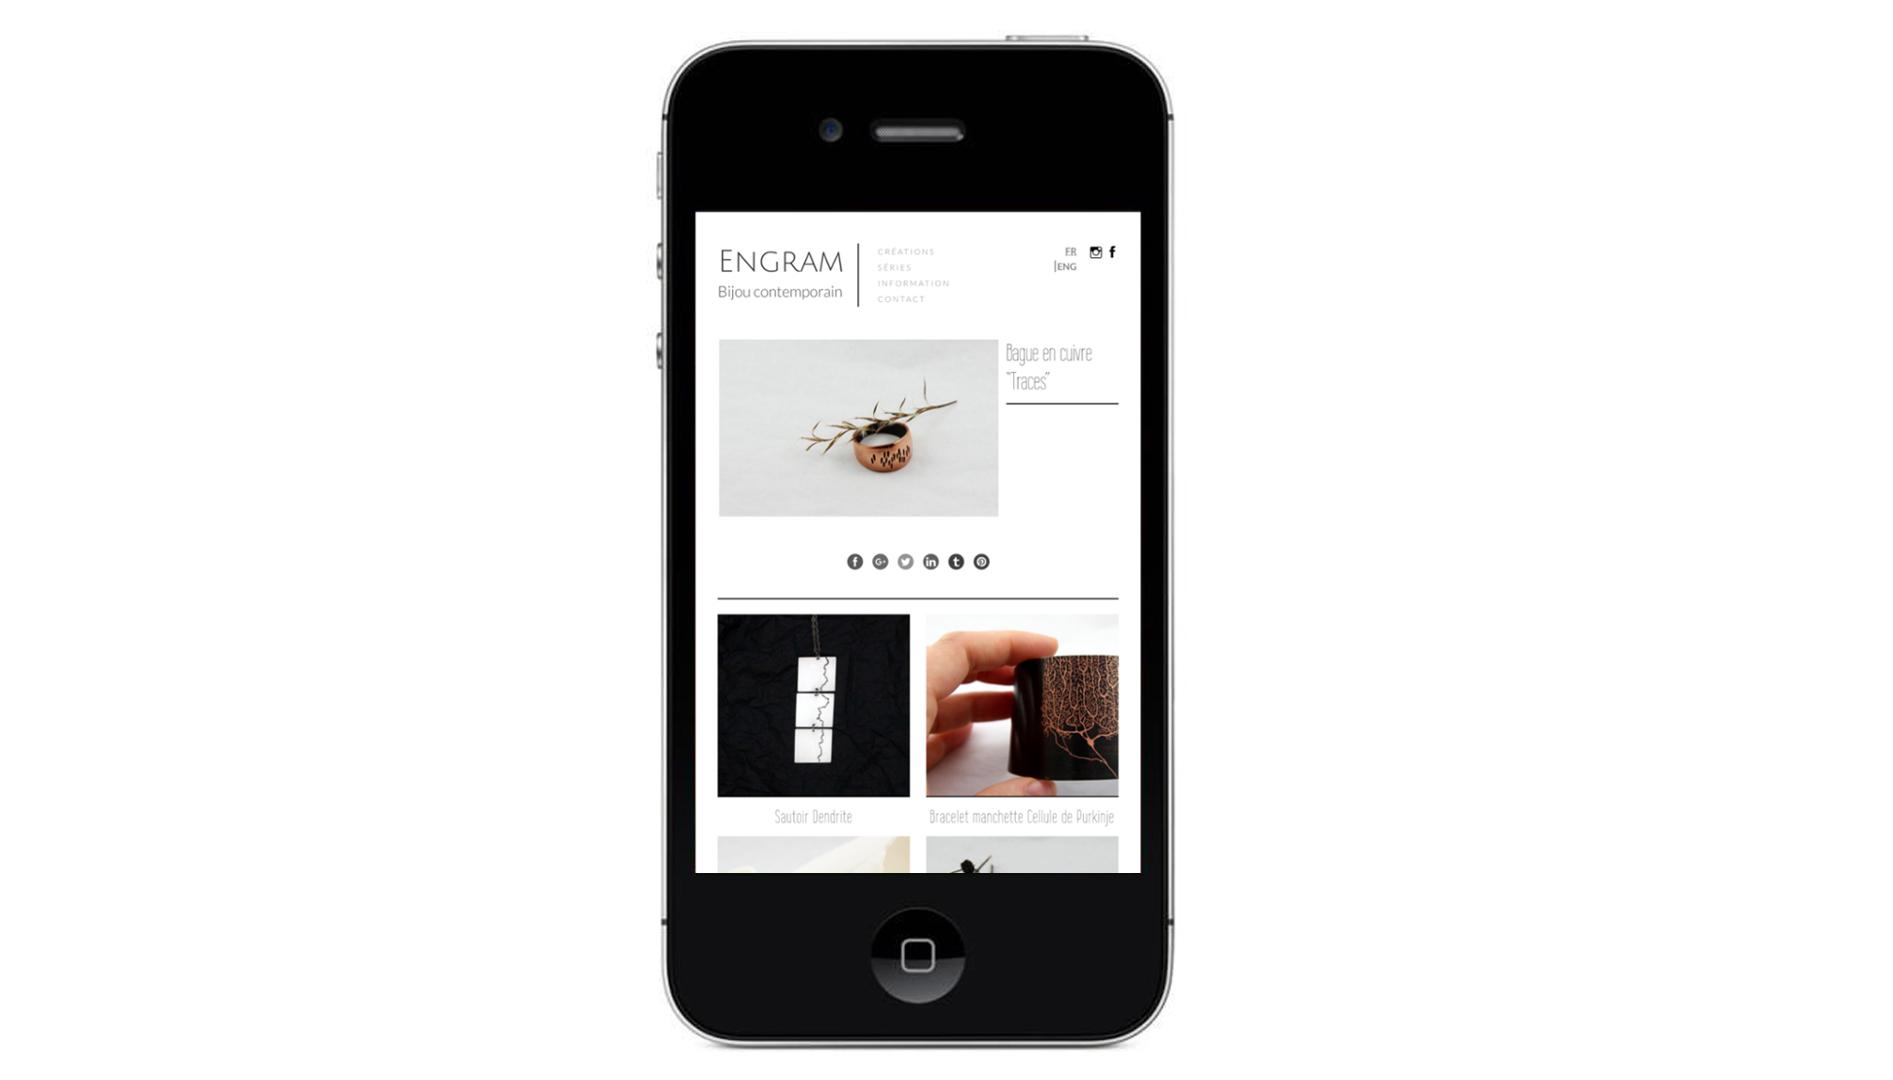 www.engram-nyc.com_fr_boutique_bijoux_bague-en-cuivre-traces_(iPhone 6)2